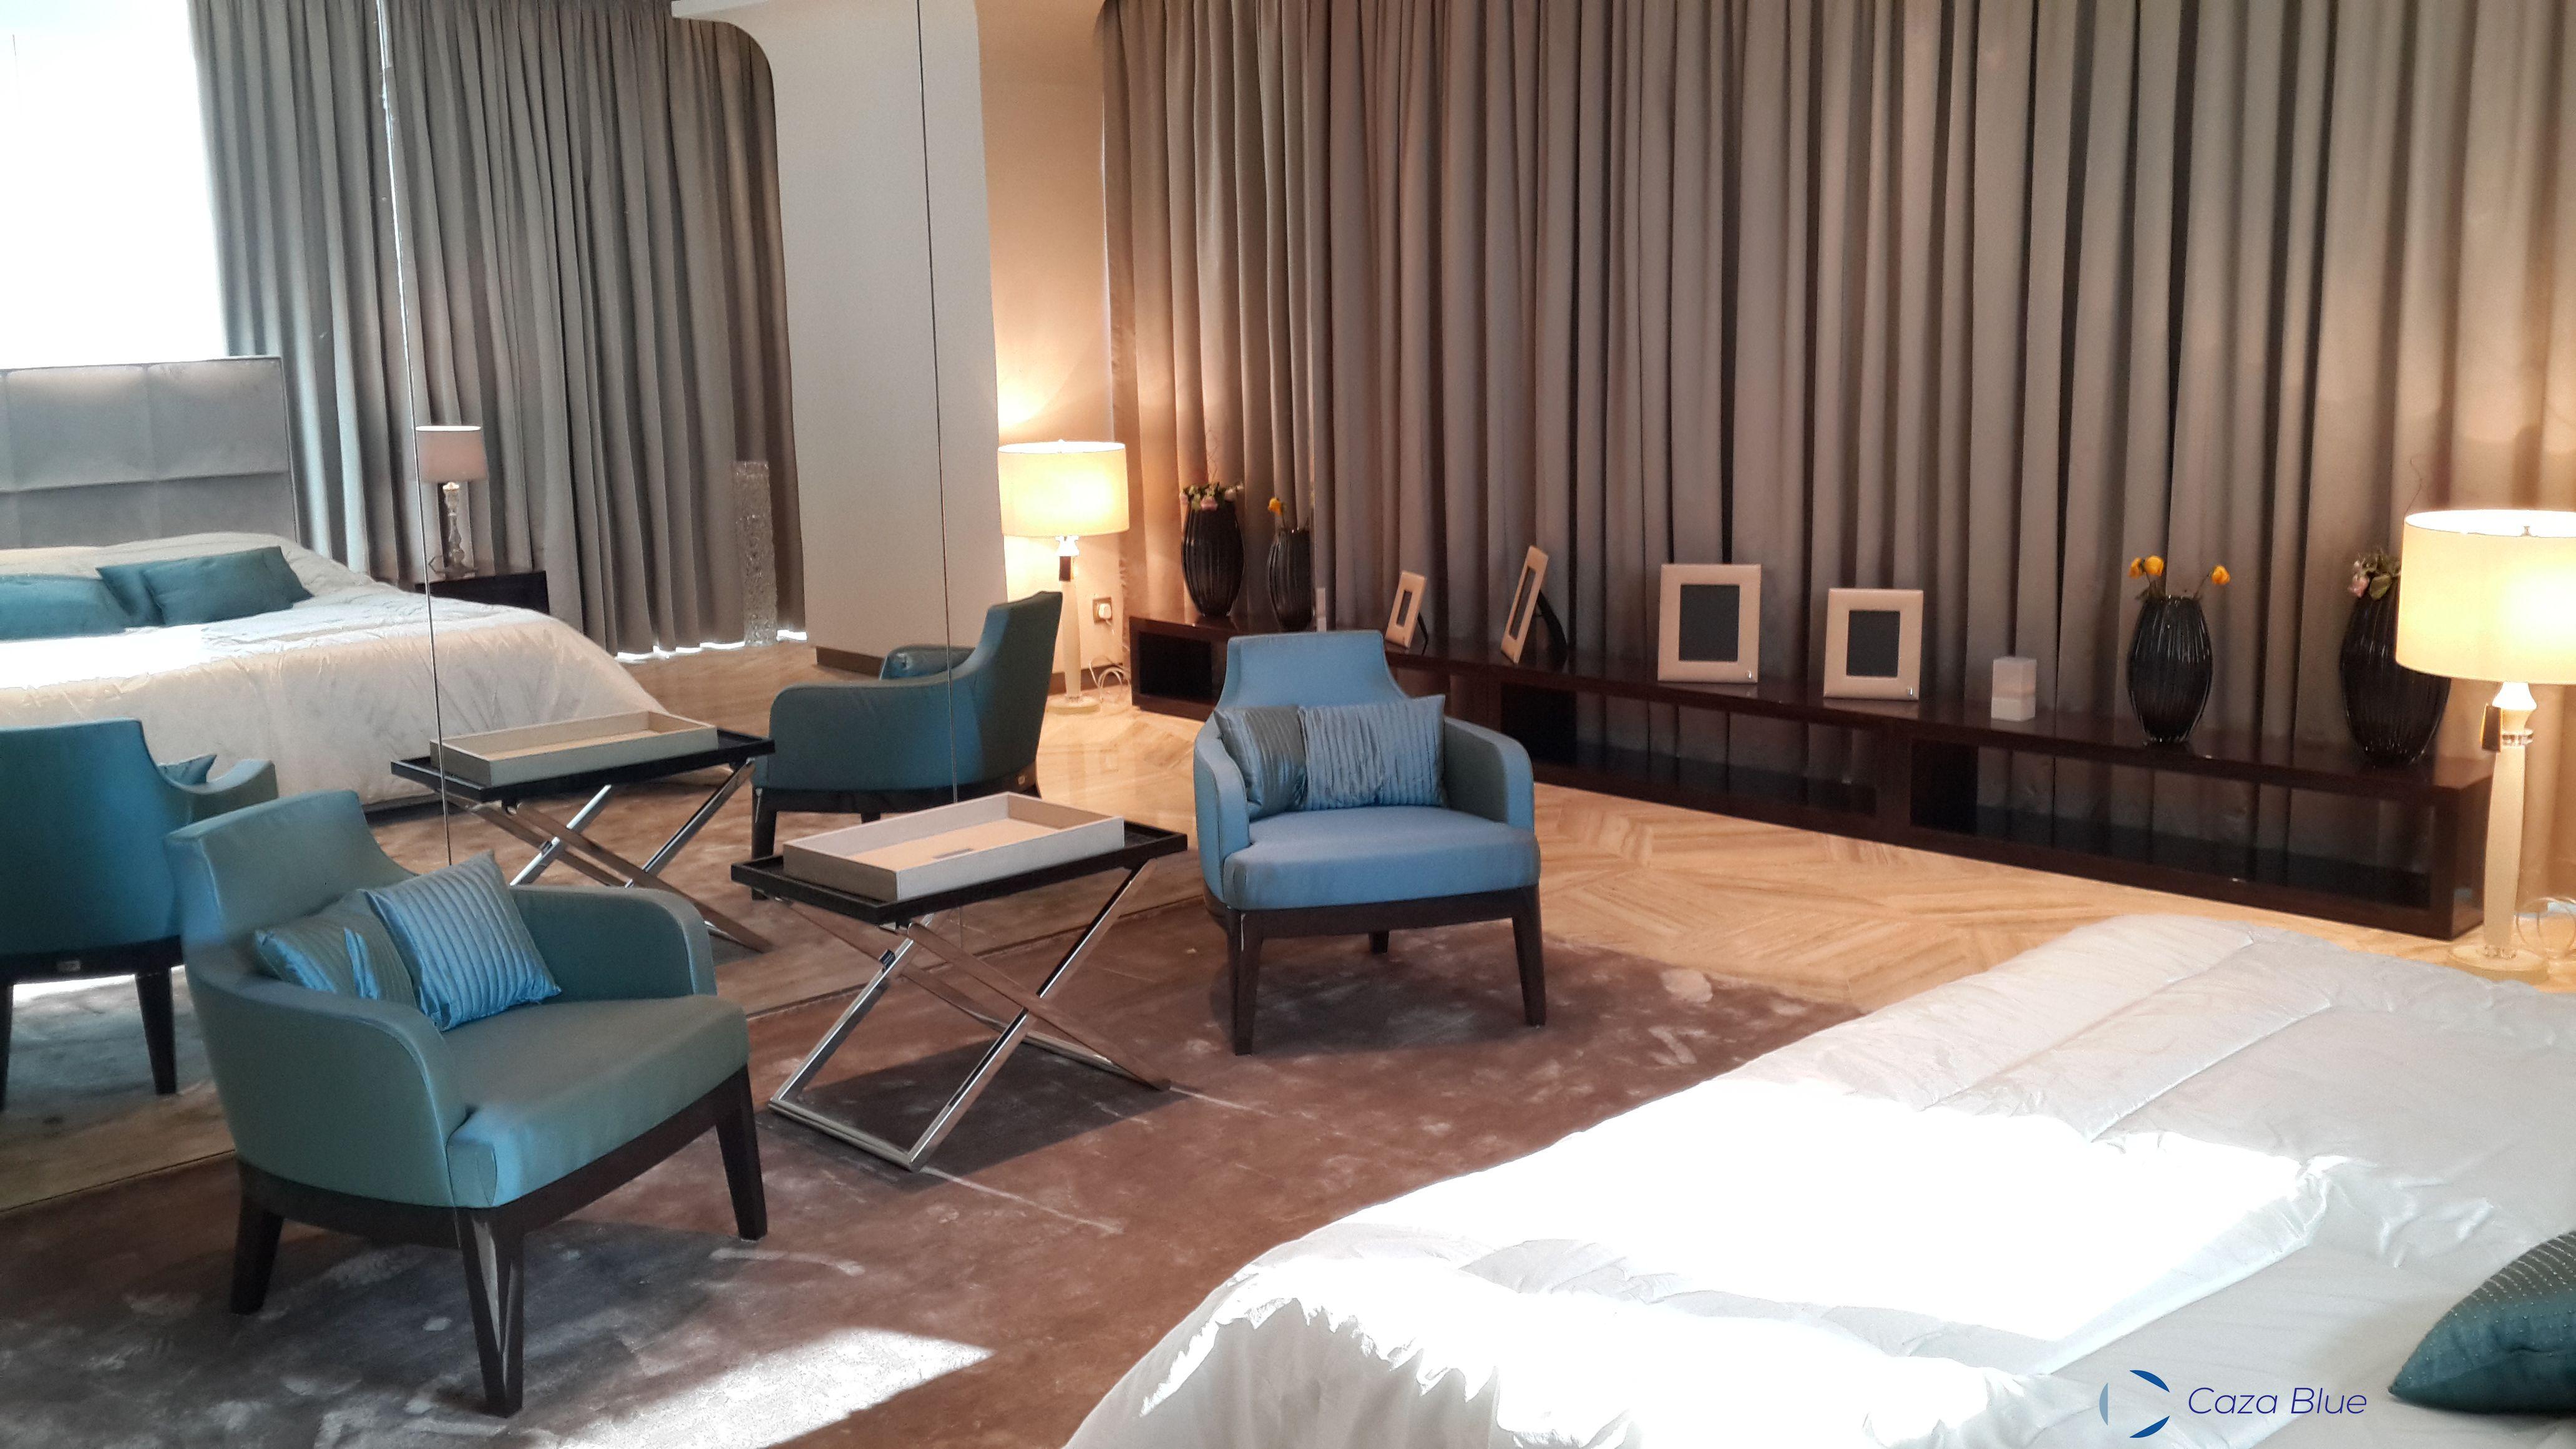 Woodworks Hotel Bedroom Living Room Mock Up Caza Blue Amman Jordan Interior Design Interior Designer Home Decor Home Room